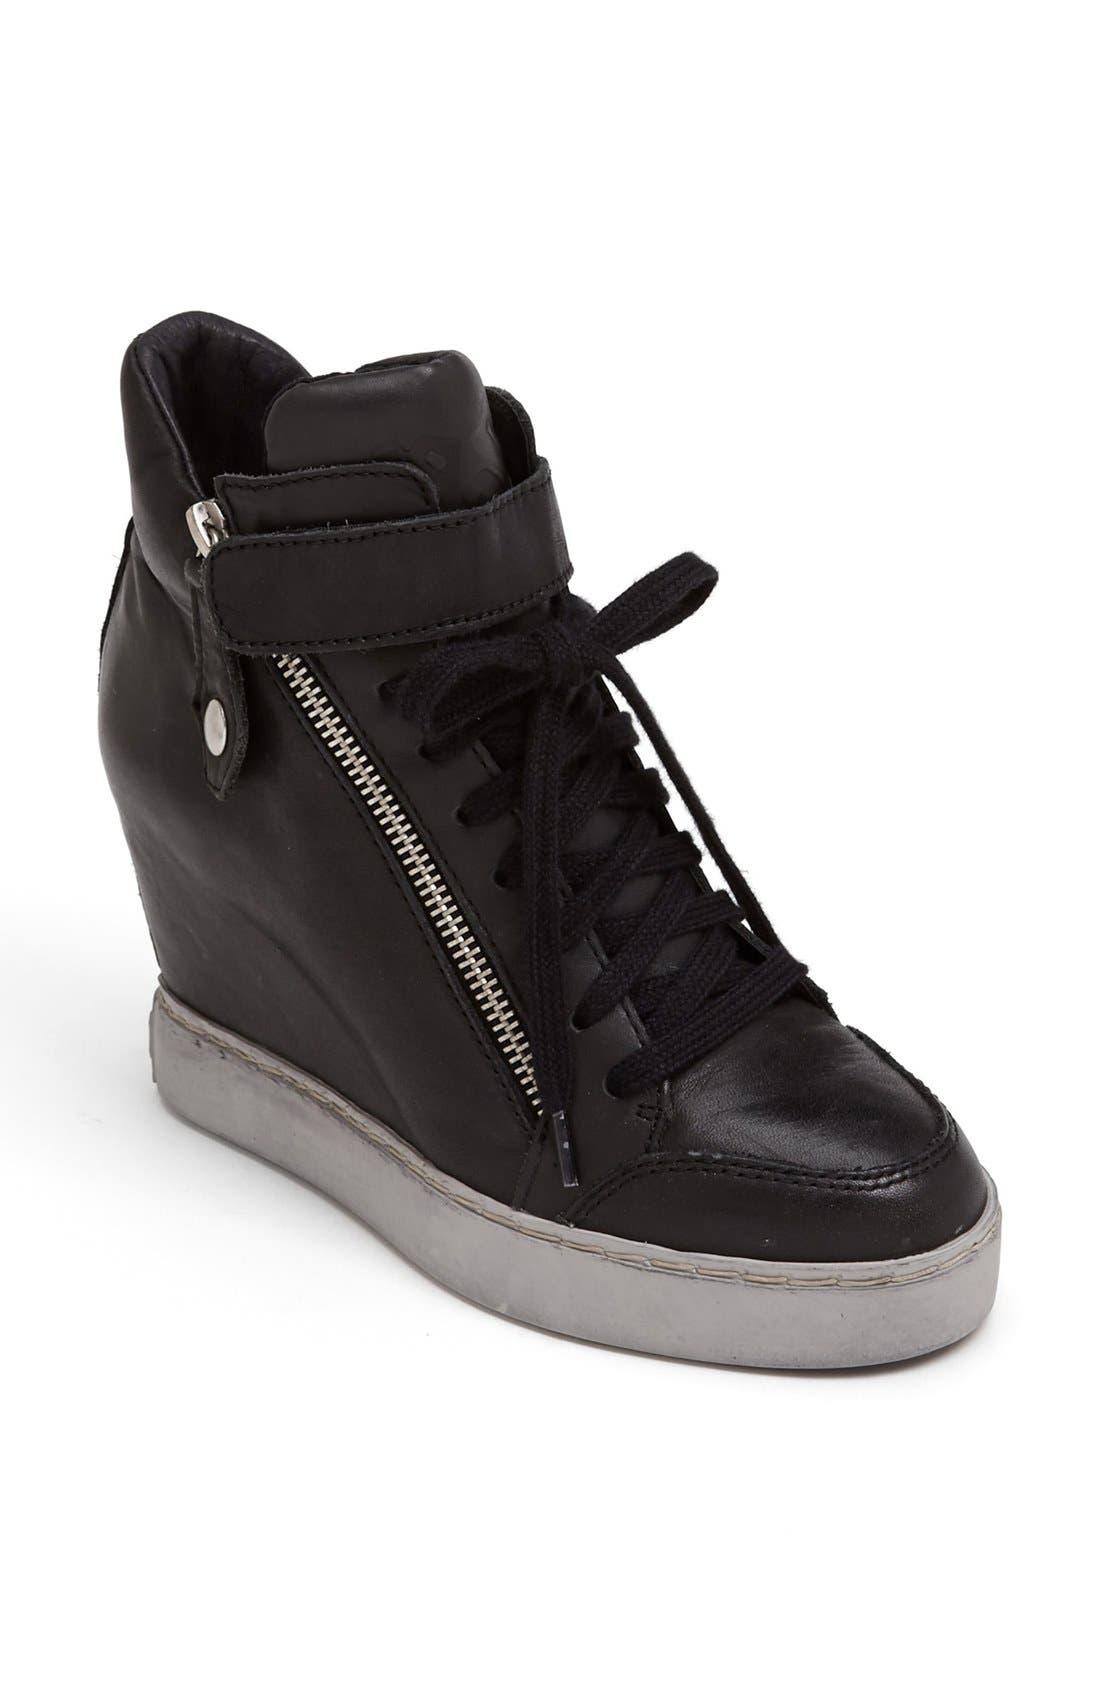 Main Image - Ash 'Body' Wedge Sneaker